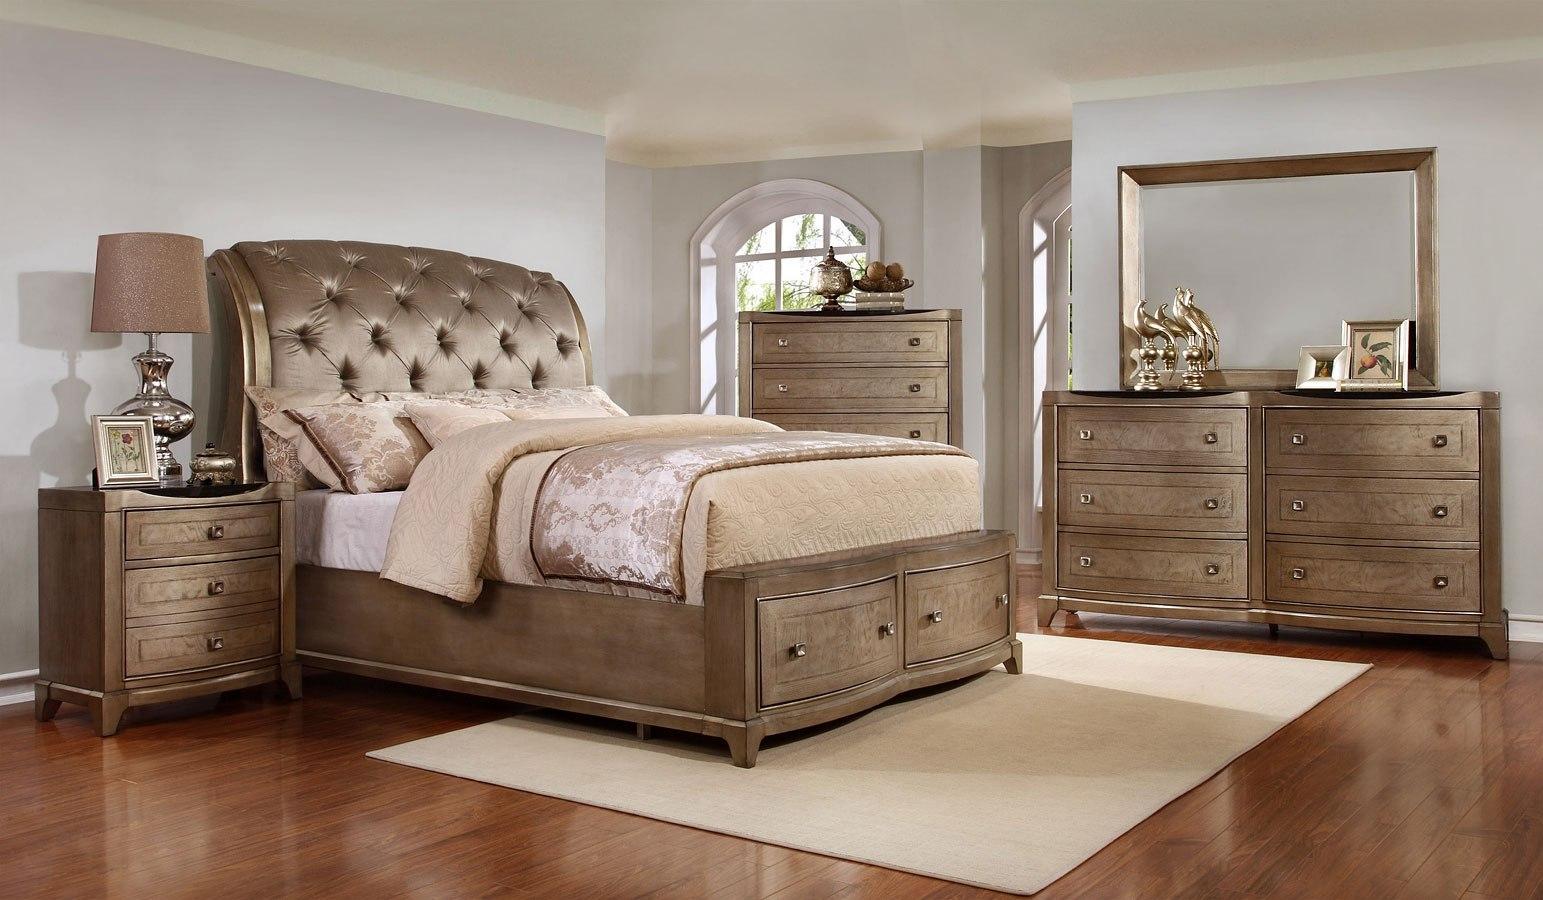 Uptown Sleigh Storage Bedroom Set By Avalon Furniture Furniturepick